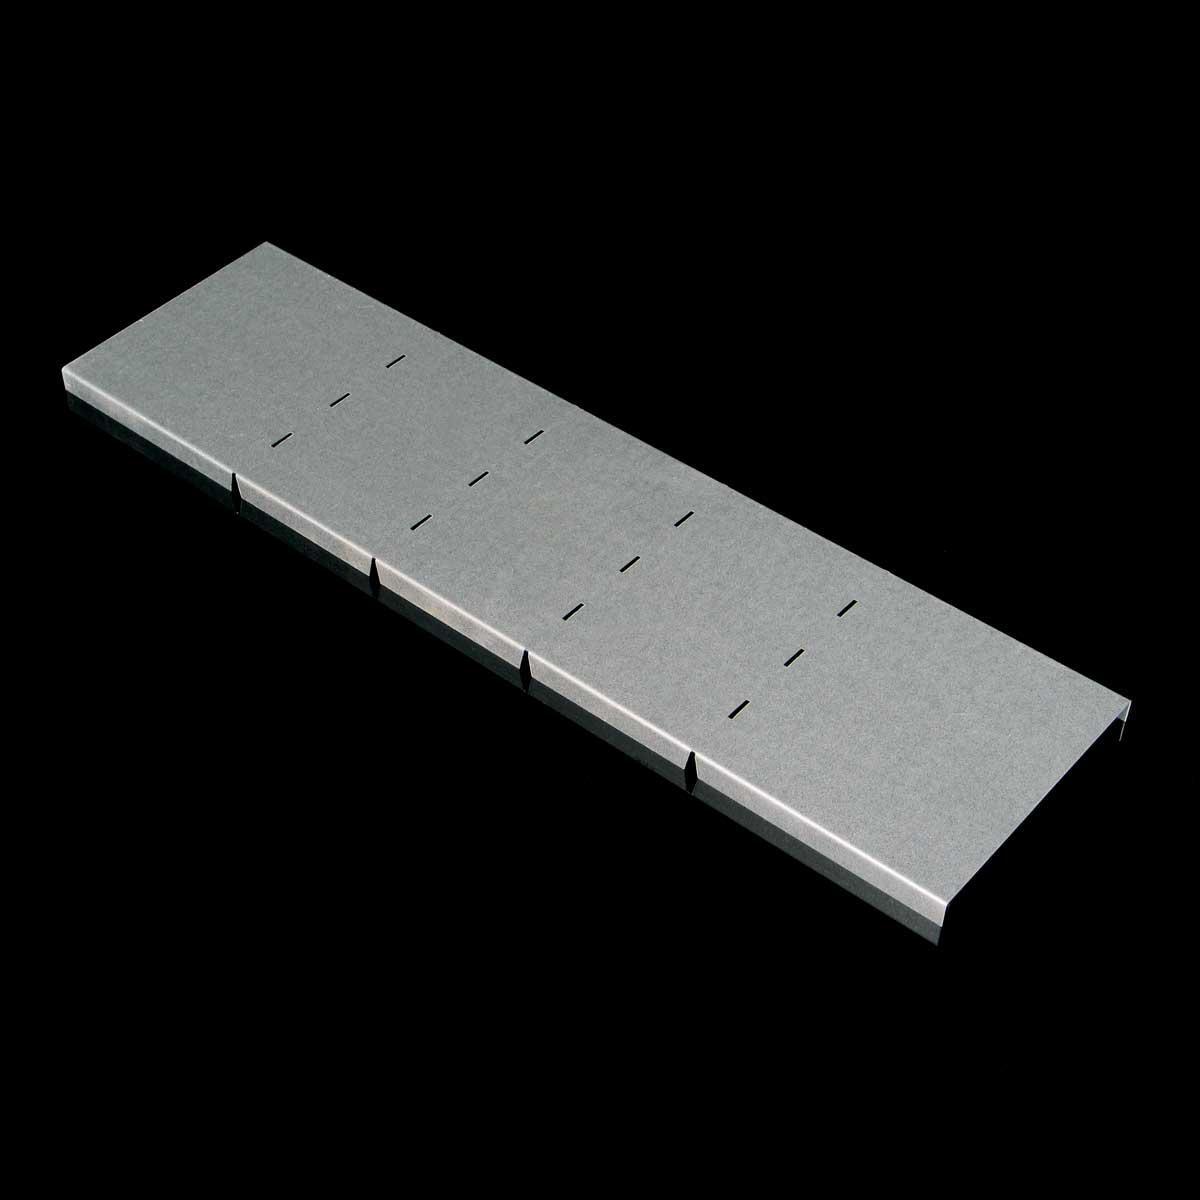 Кришка вертикального повороту зовнішнього 90° JUPITER; розміри-110x300x295mm Товщ. метал-1 Вага-1,25кг/м